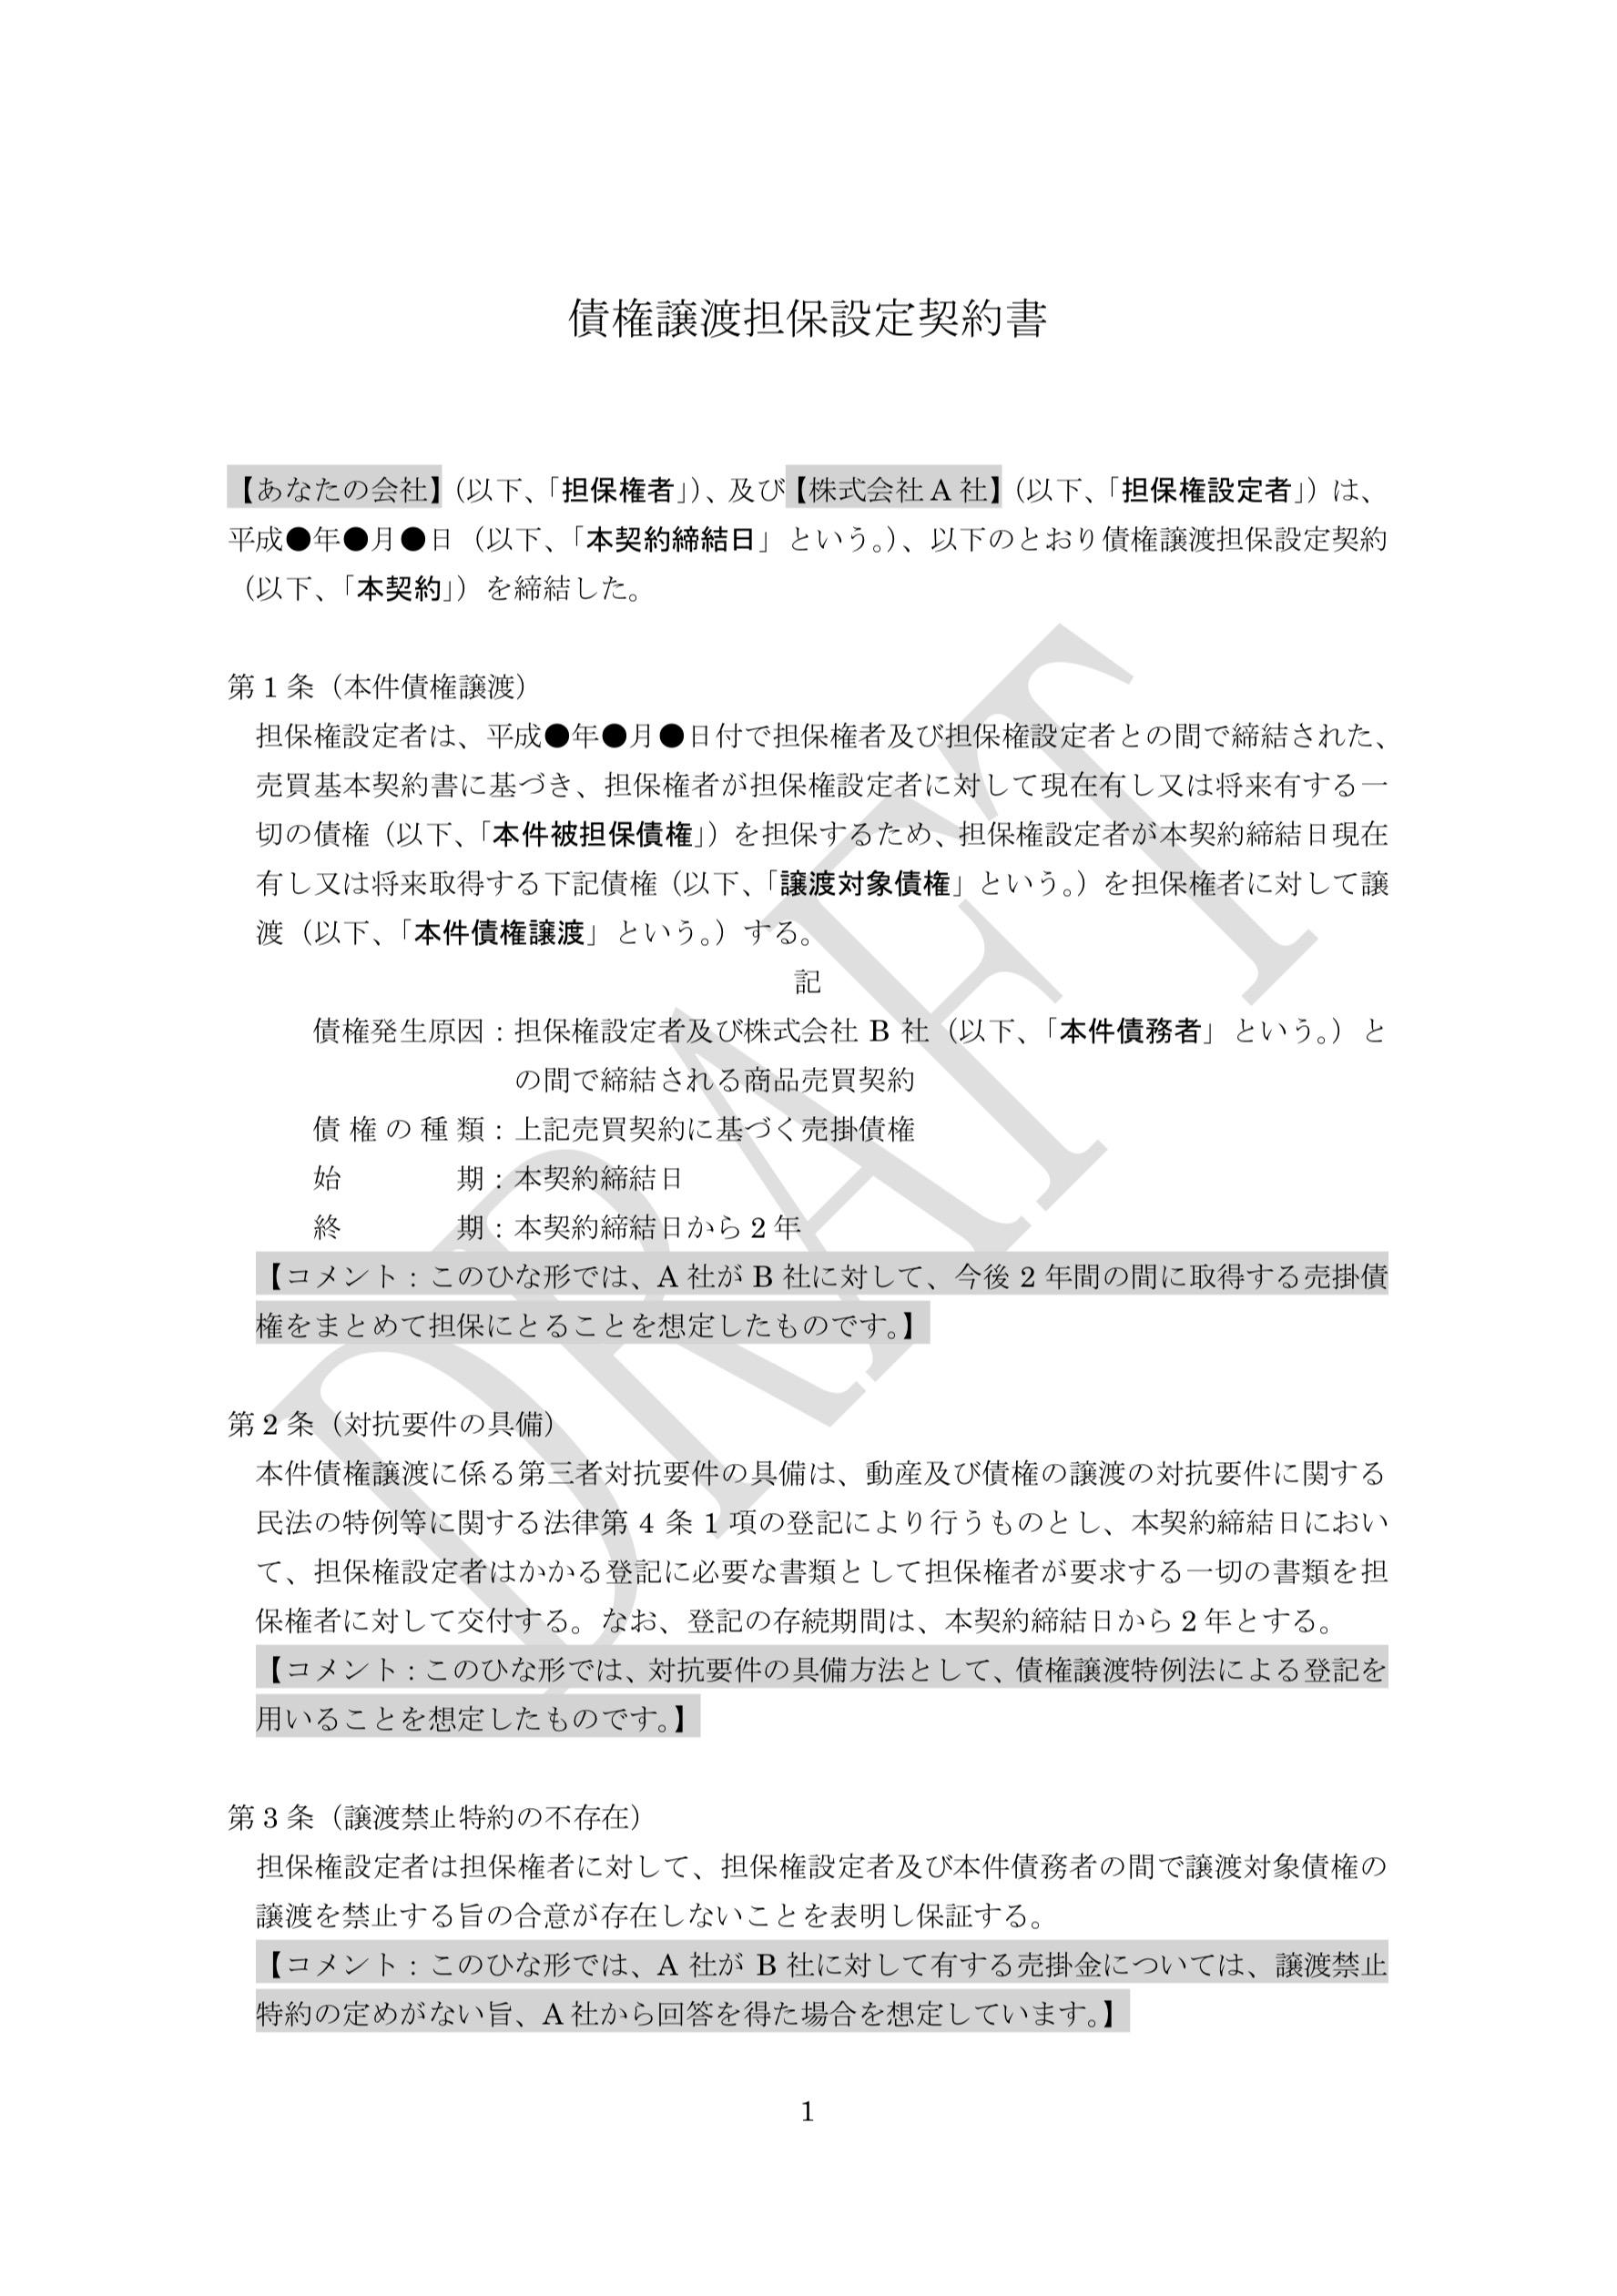 債権譲渡担保契約書の書式